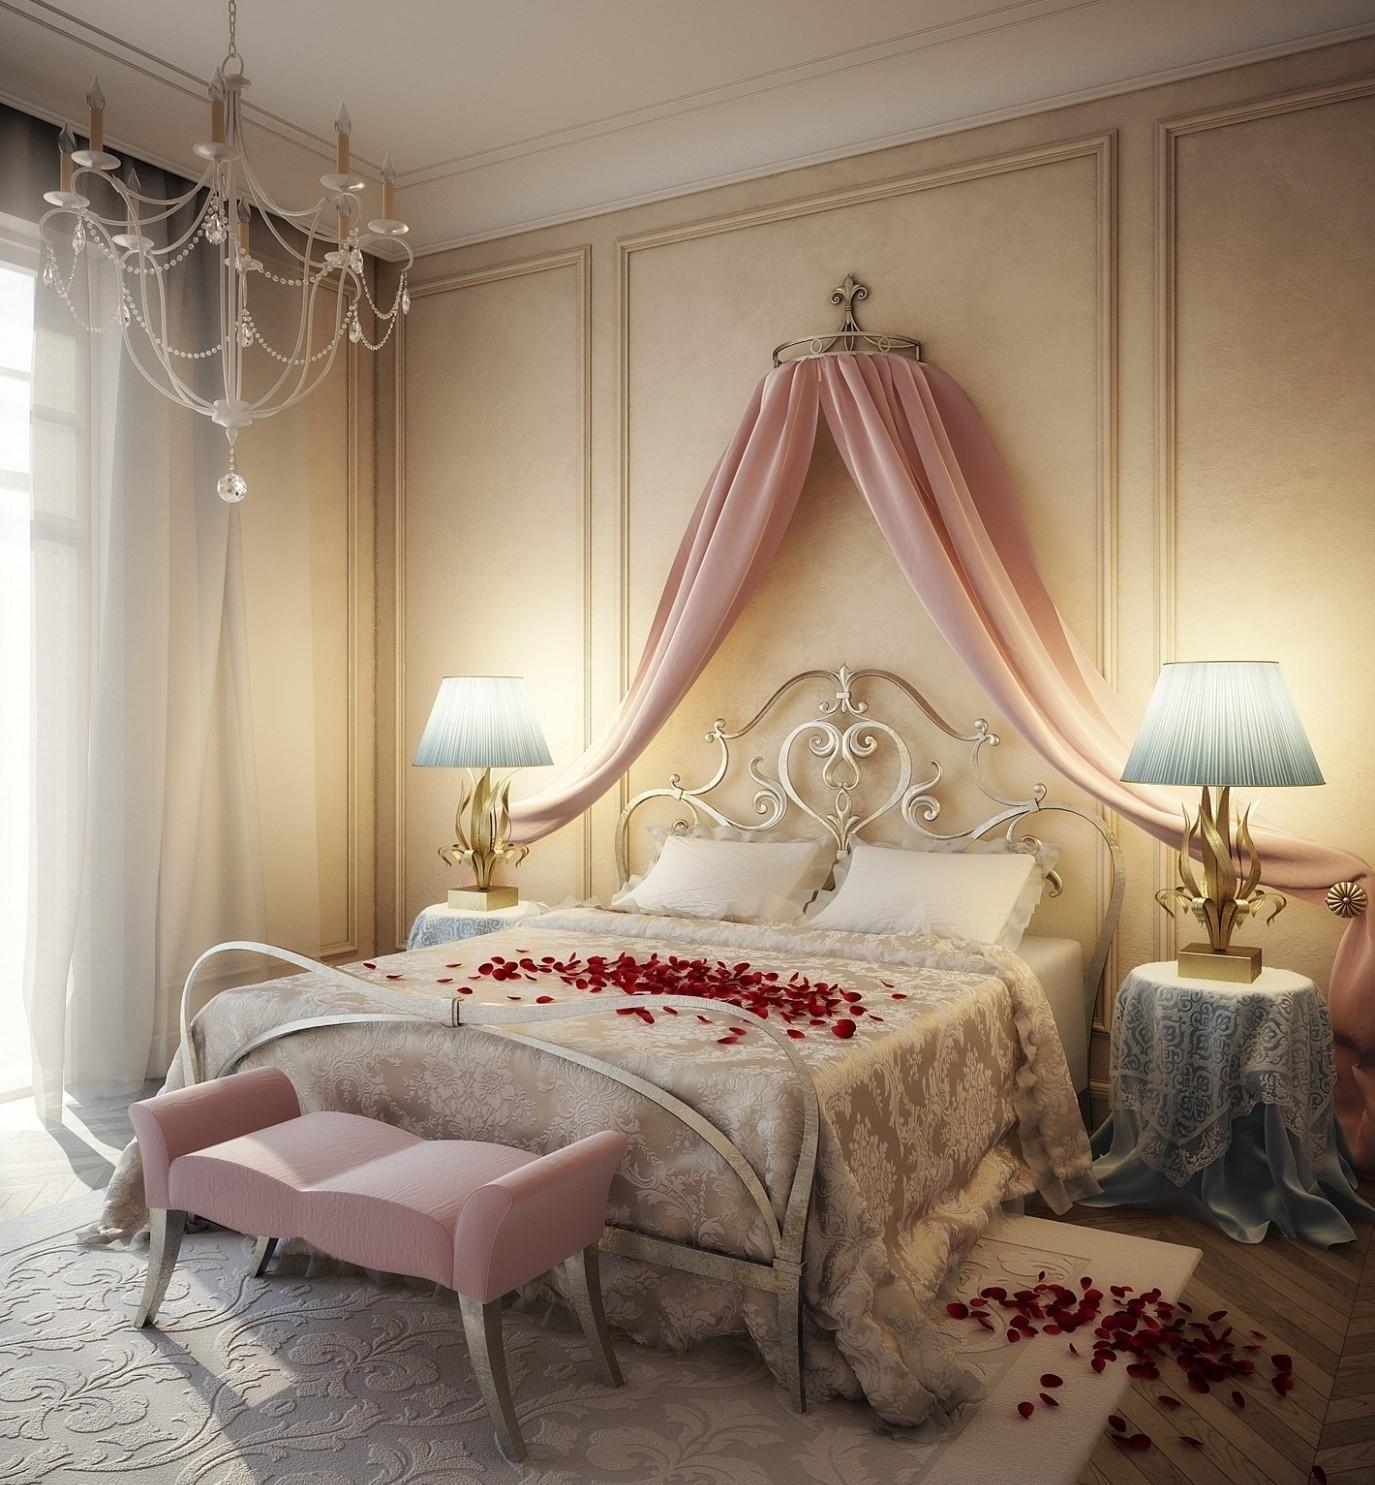 Розовый балдахин в спальне молодоженов